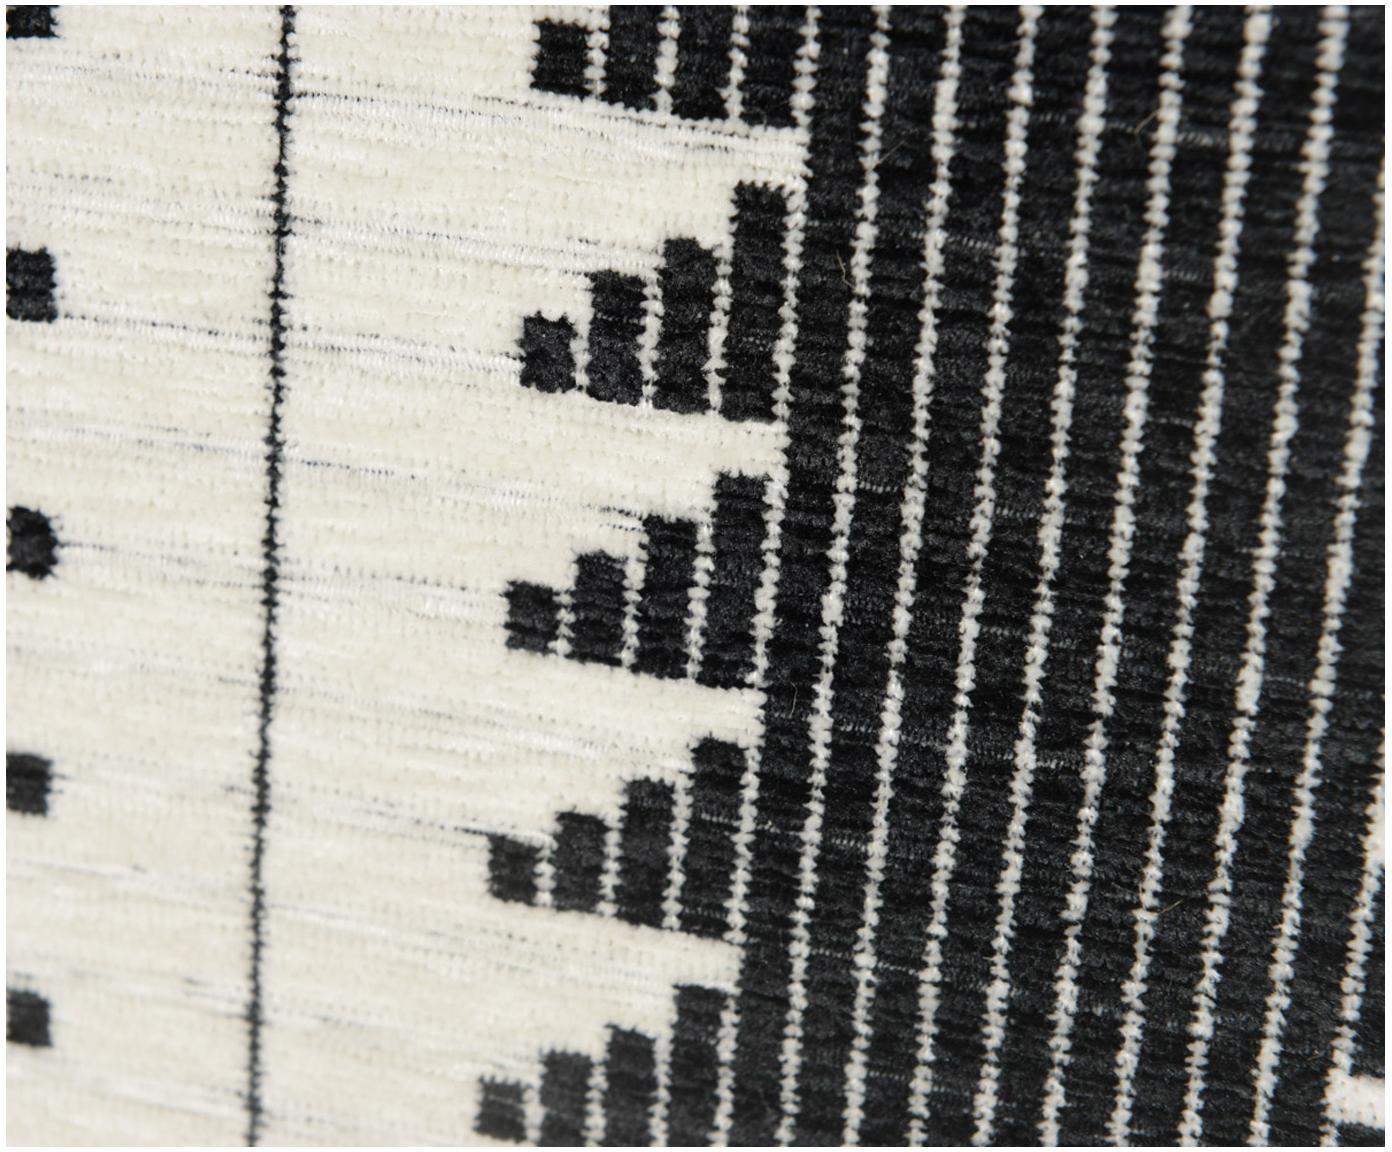 Sedia a poltrona con braccioli in legno di quercia Naja, Rivestimento: poliestere 90.000 cicli d, Struttura: legno di quercia massello, Nero, bianco, Larg. 76 x Prof. 67 cm